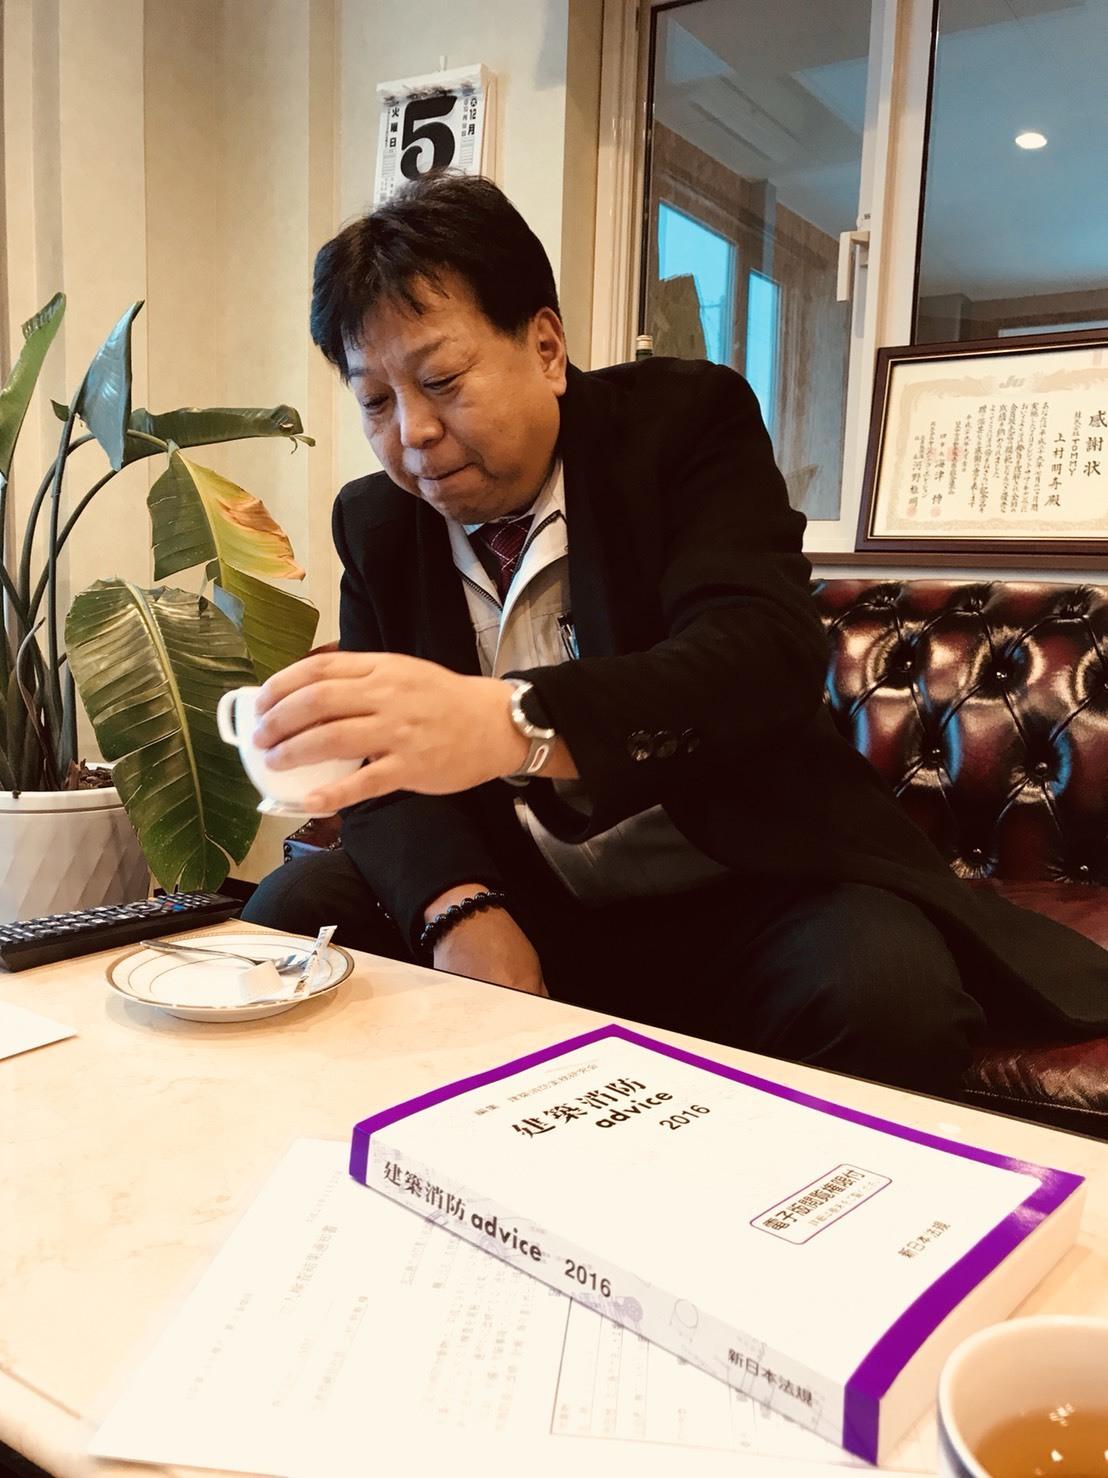 12月6日(水)トミーベース カスタムブログ☆カスタムされたハイエース☆_b0127002_11314159.jpg